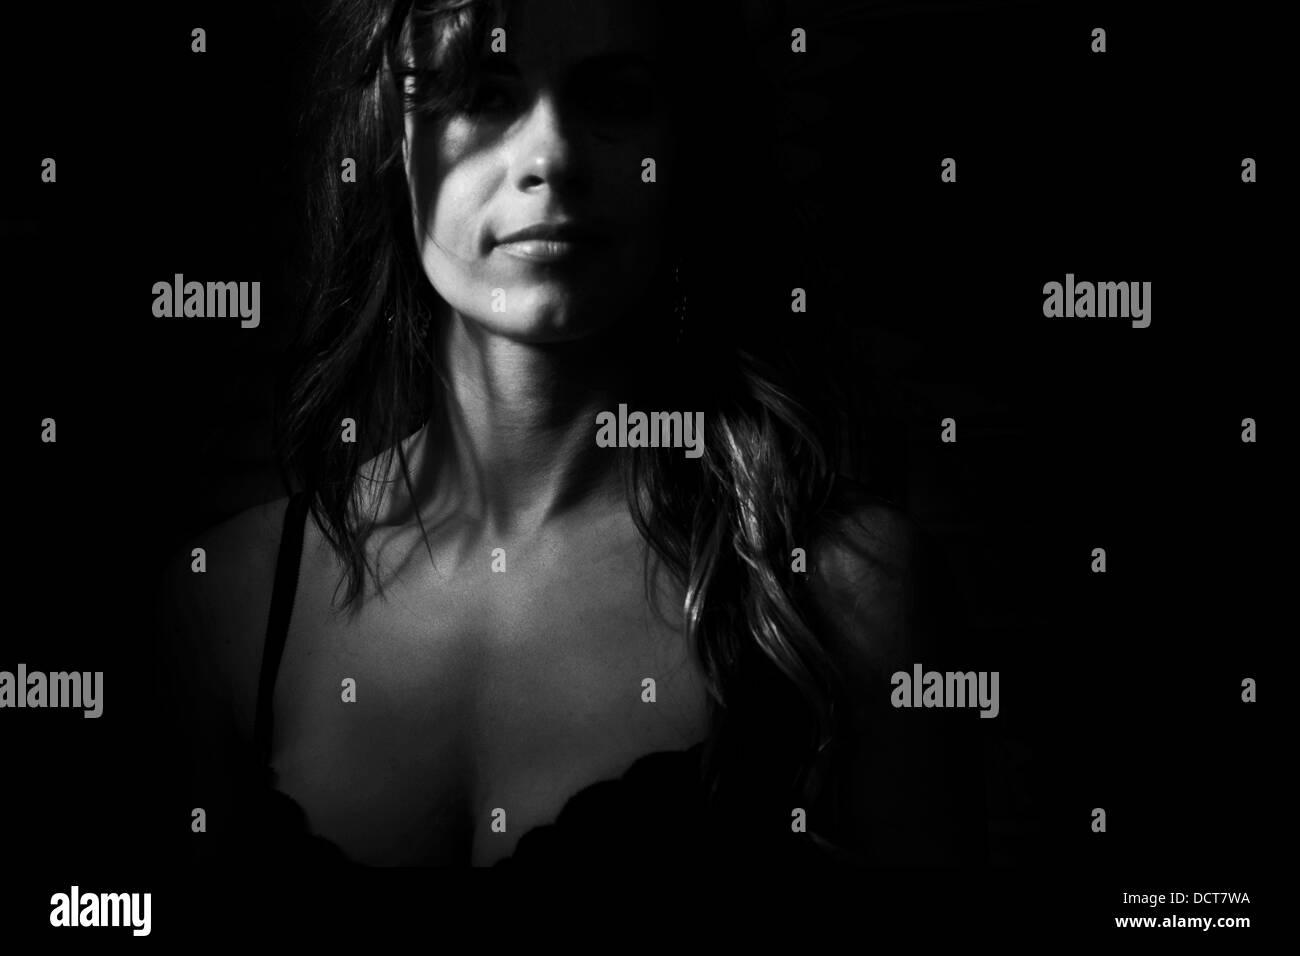 Bianco e nero misterioso ritratto di donna a BRA Immagini Stock